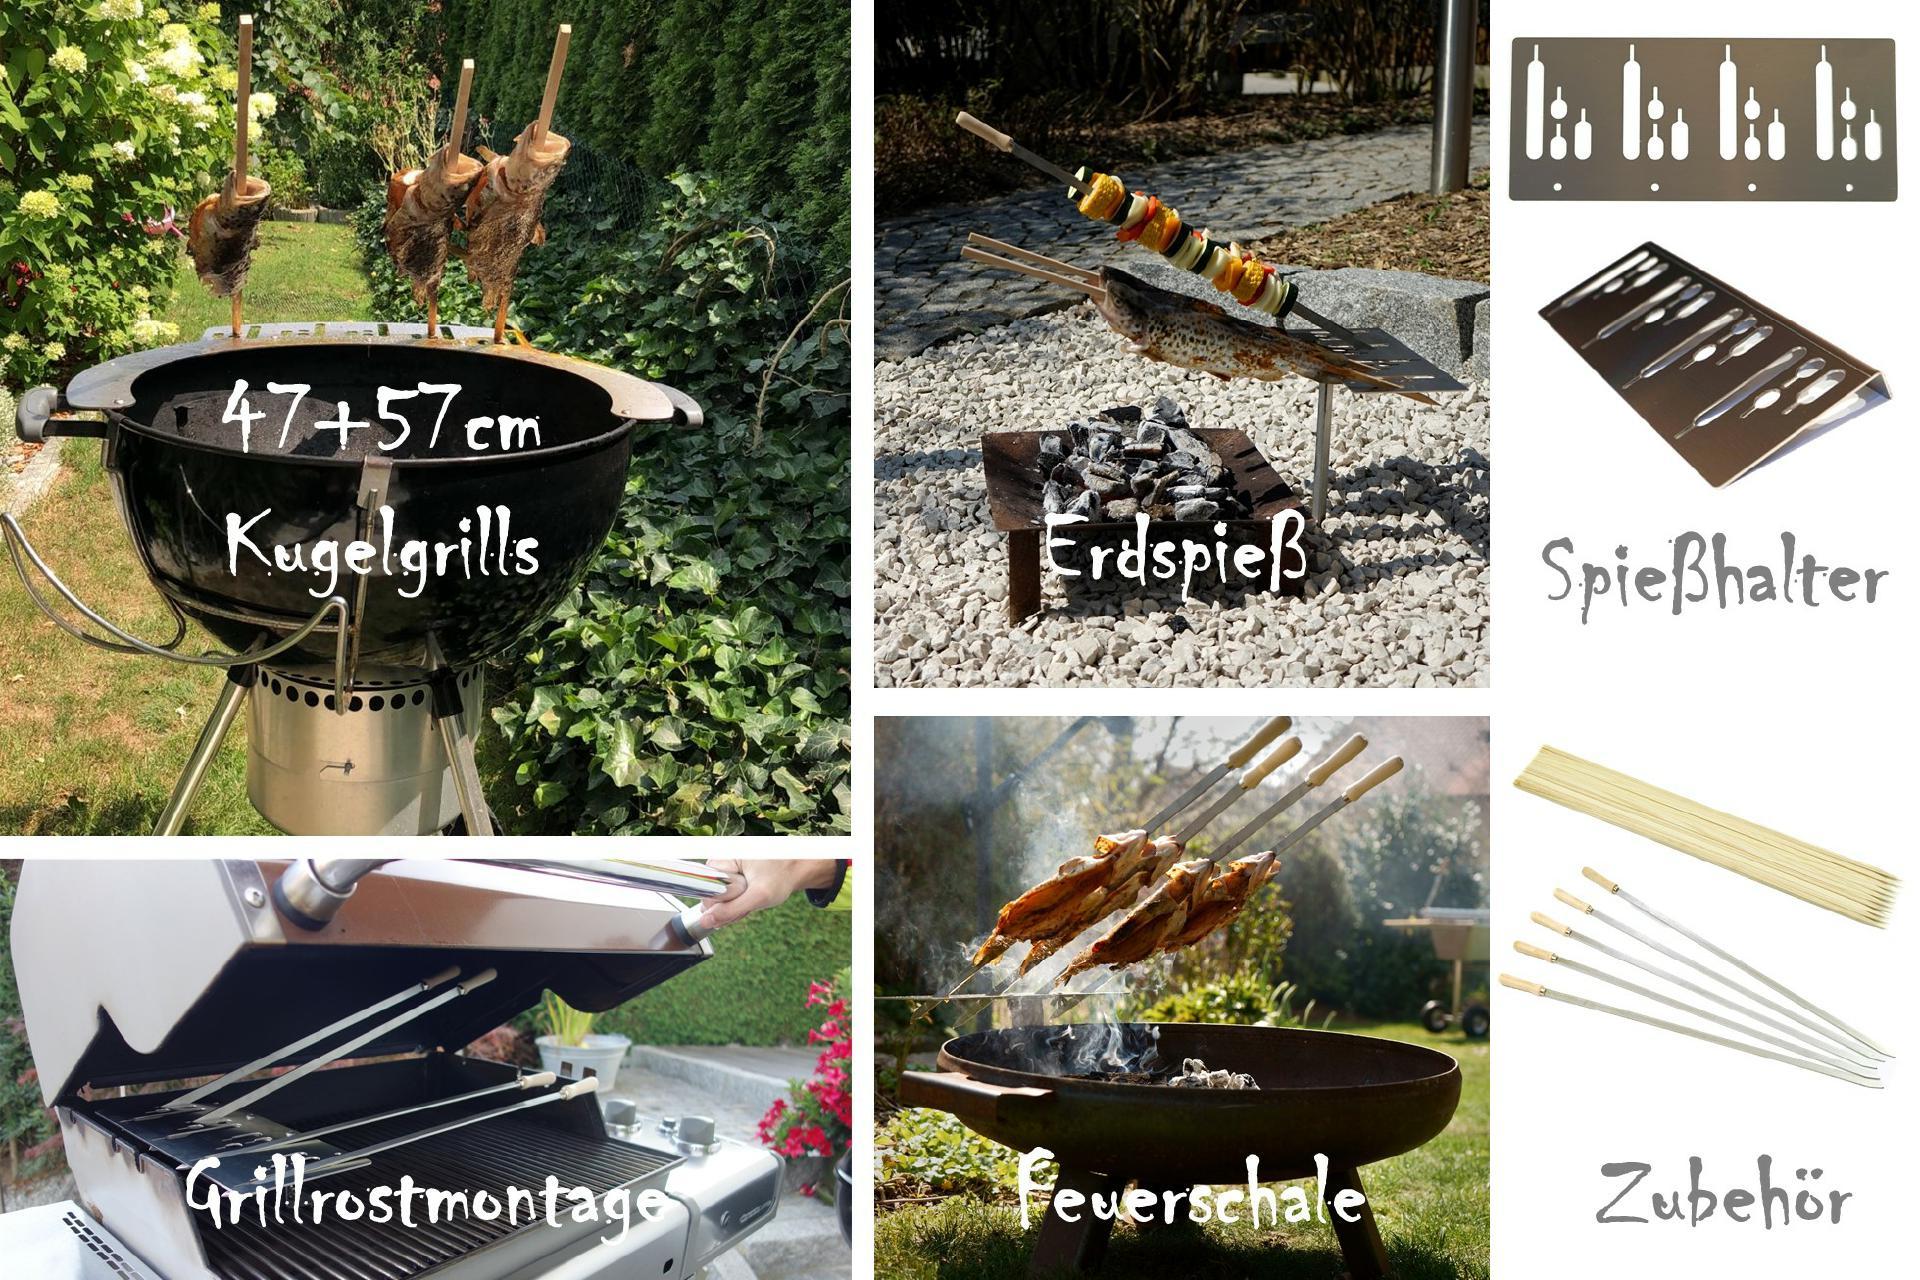 Spiesshalter-Steckerlfisch-grill-grillen-Kugelgrill-Grillaufsatz-Fischhalter-Fisch-halter-Fisch-bbq-Gemuessespiesse-Fleischspiesse-Stockbrot-Gadget-Weber-grill-57-Aufsatz-Spiesse-S